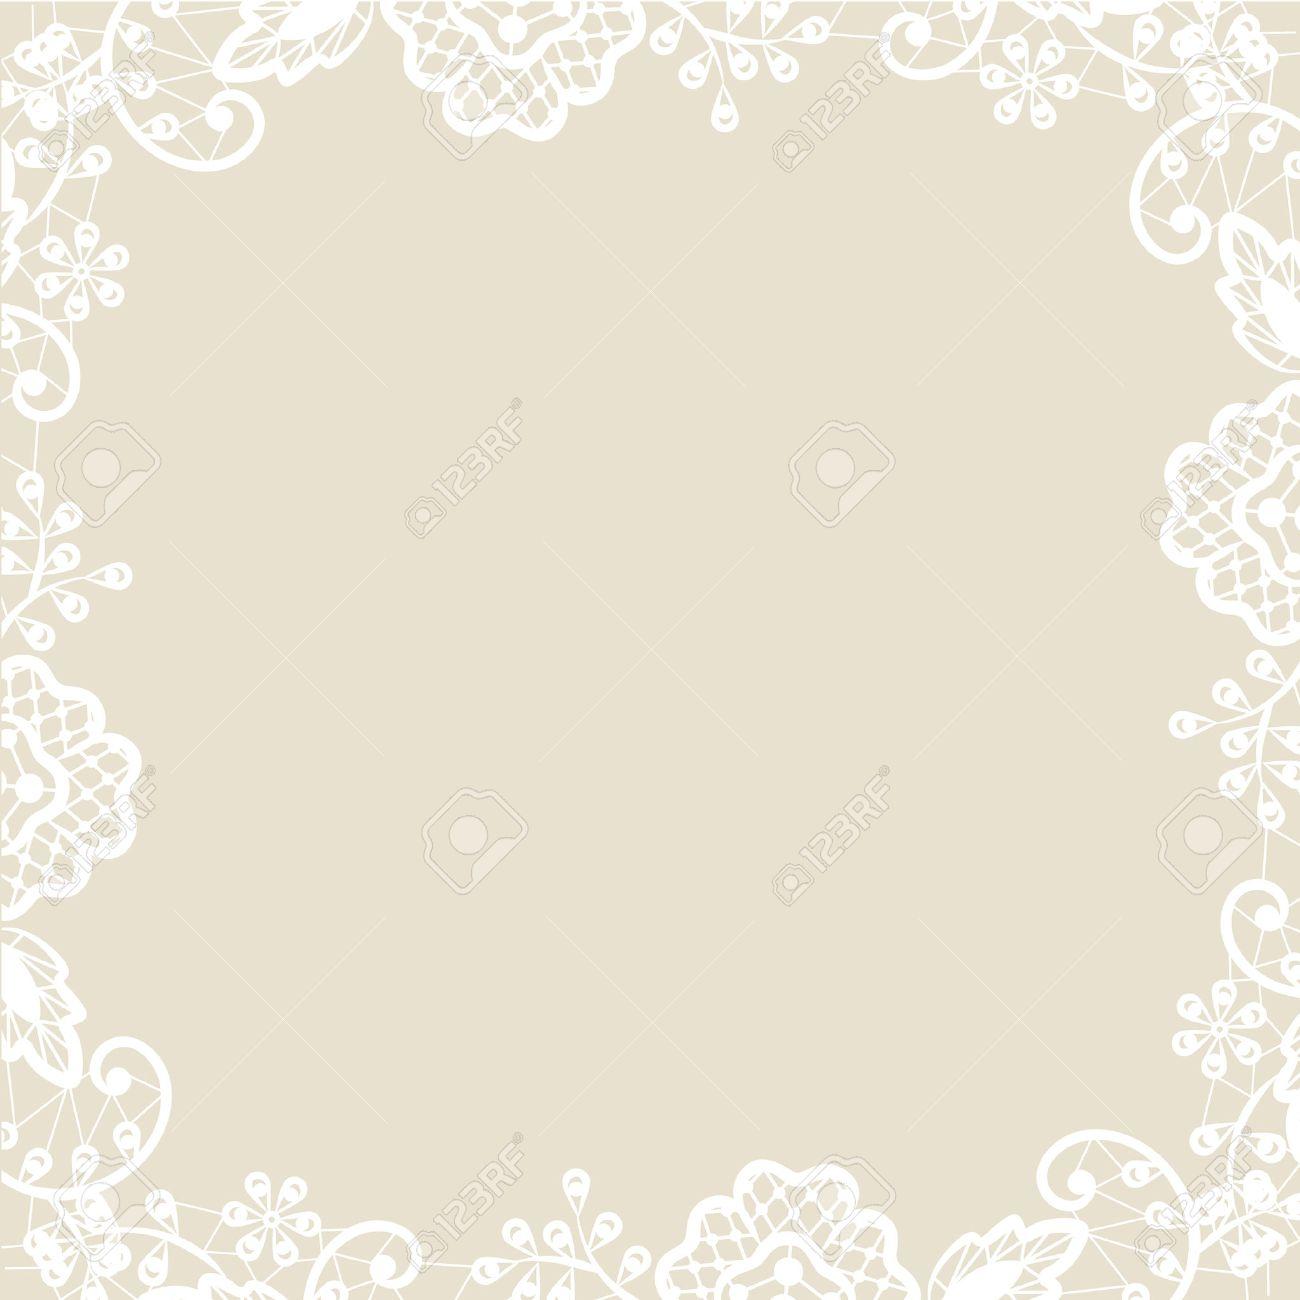 Elegant Hochzeit Einladung Oder Grusskarte Mit Weißer Spitze Auf Beigem Hintergrund  Standard Bild   31700950